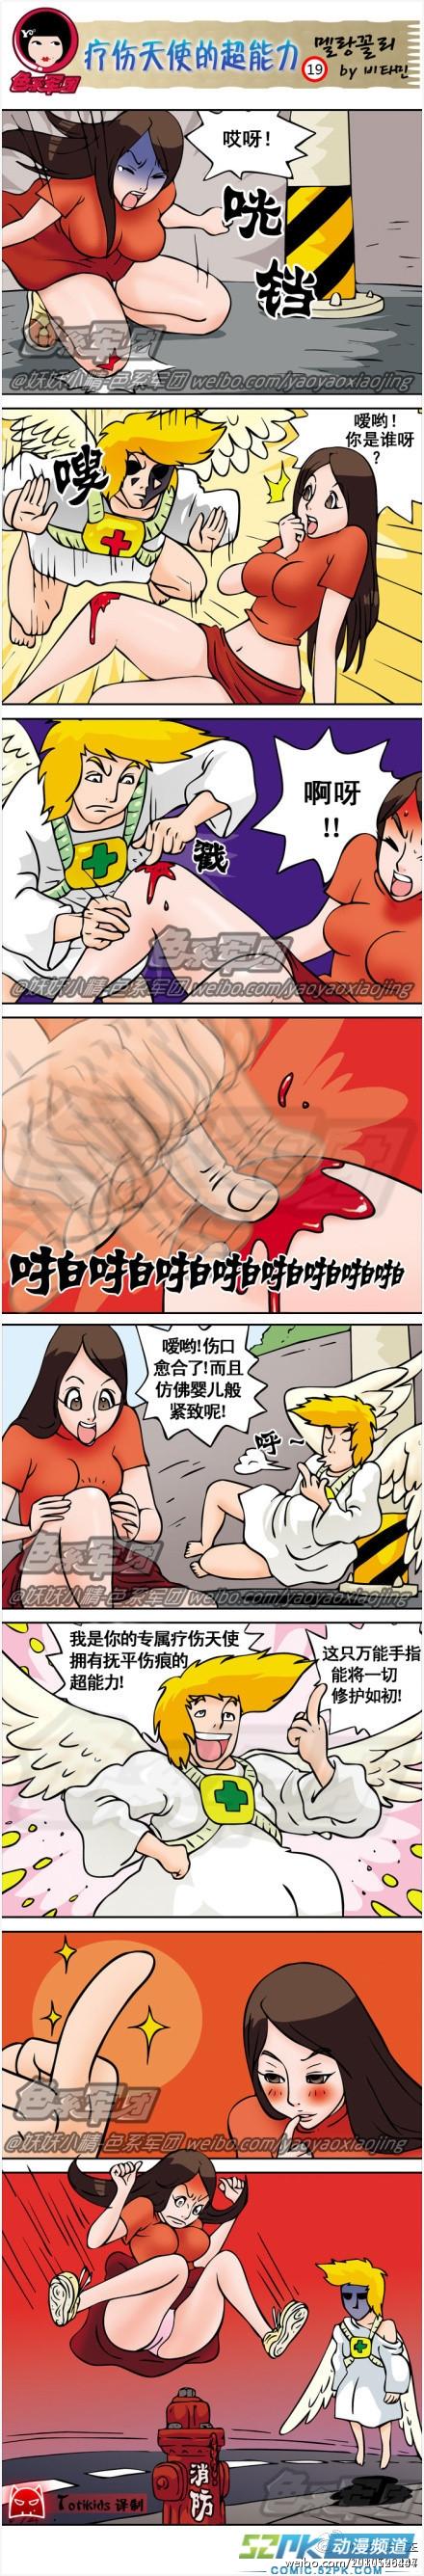 邪恶漫画火影纲手对鸣 火影